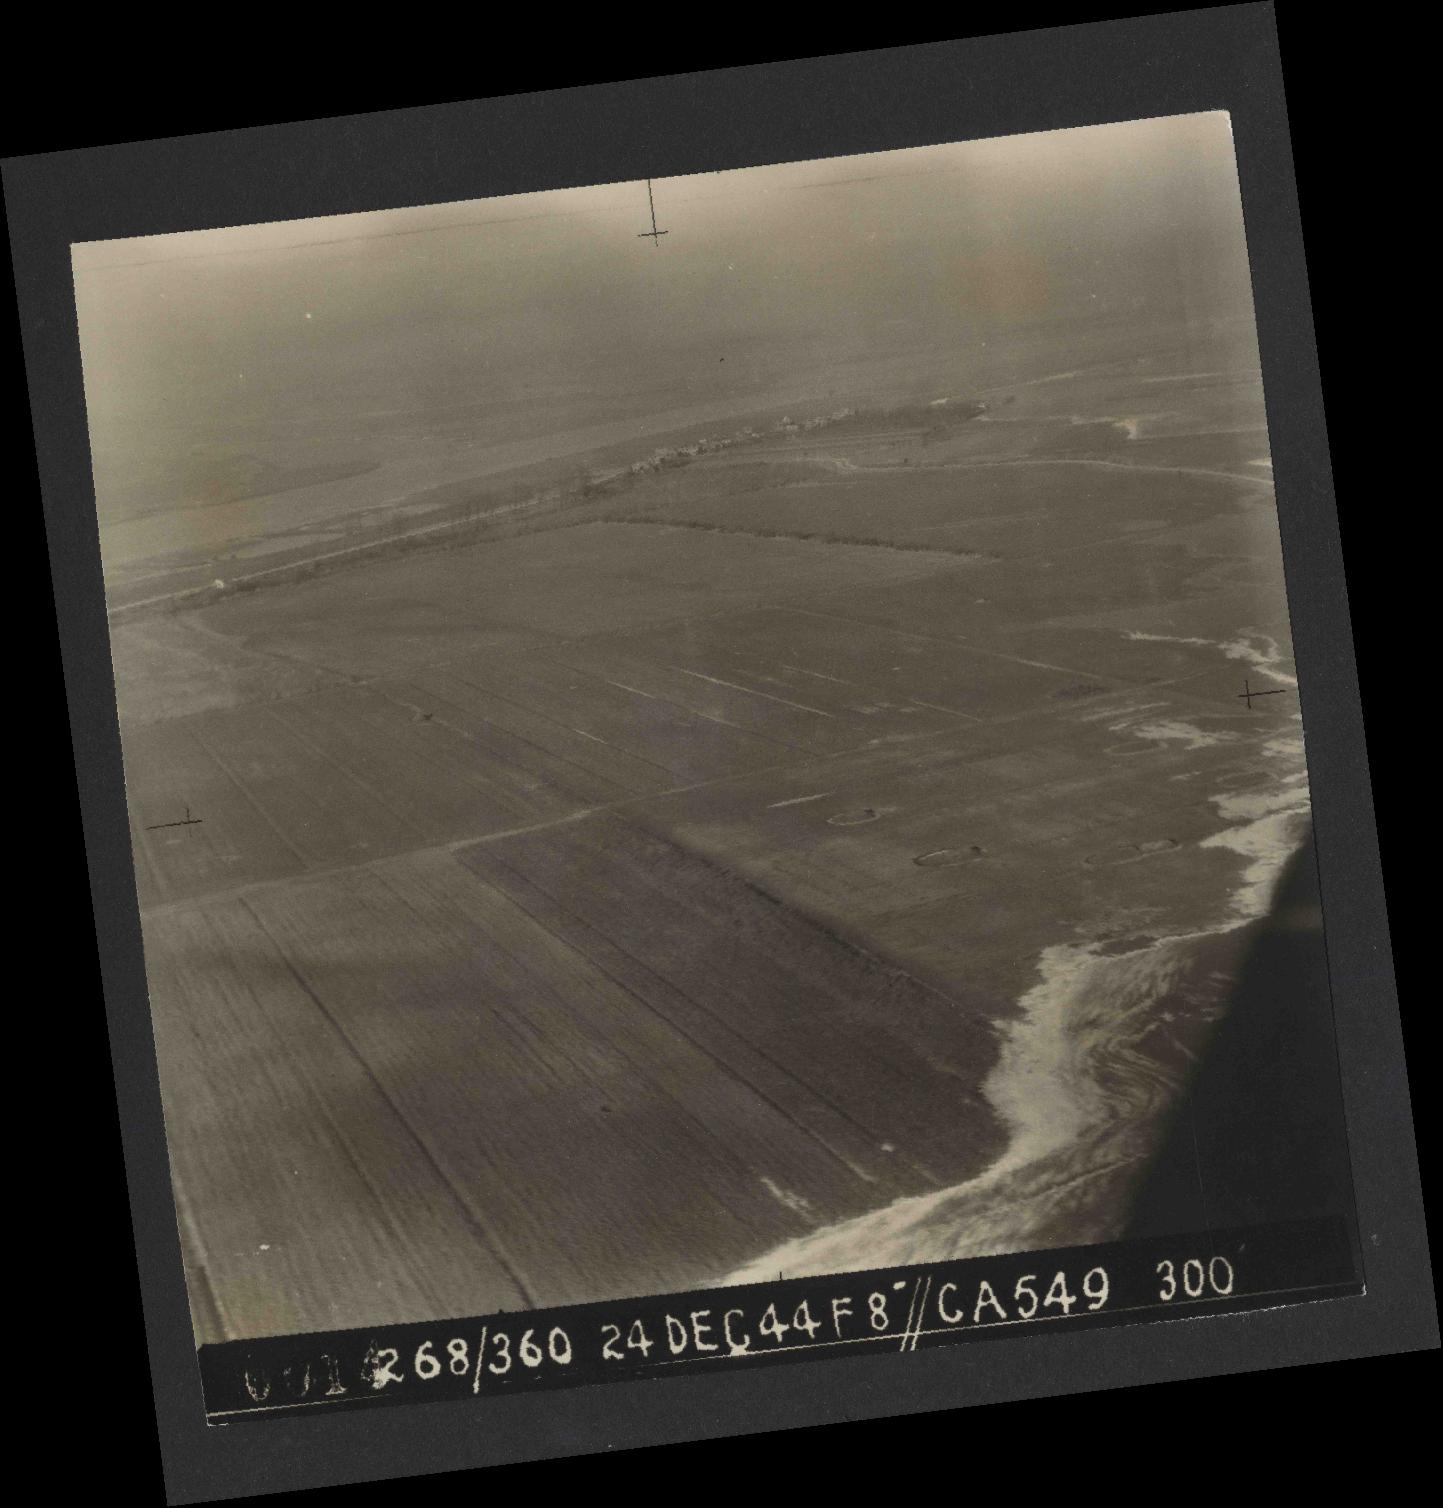 Collection RAF aerial photos 1940-1945 - flight 531, run 01, photo 0014